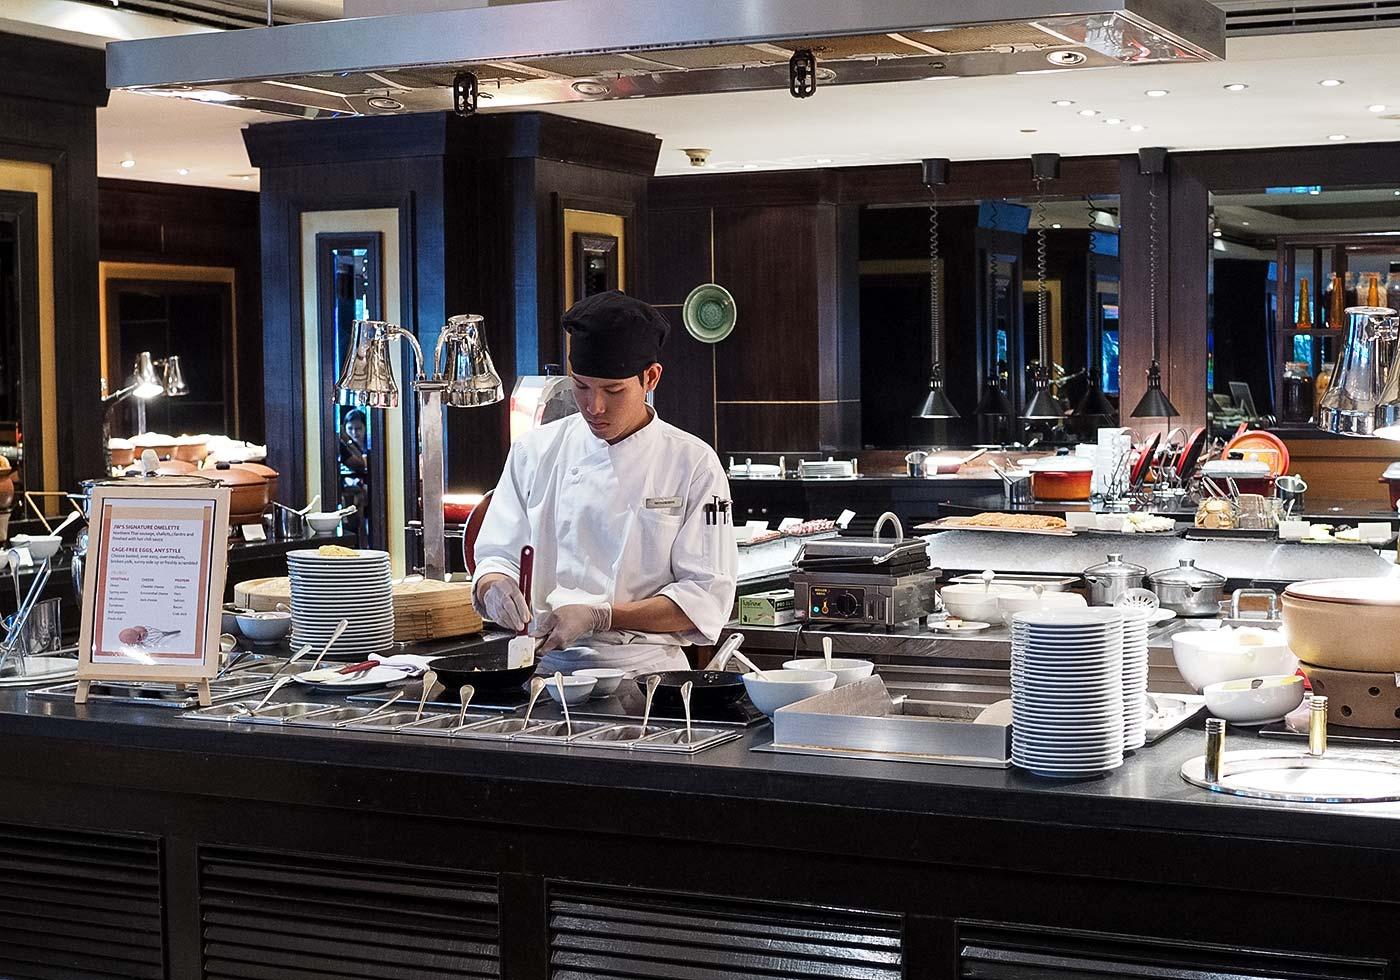 jw_marriott-bangkok-breakfast-omlette